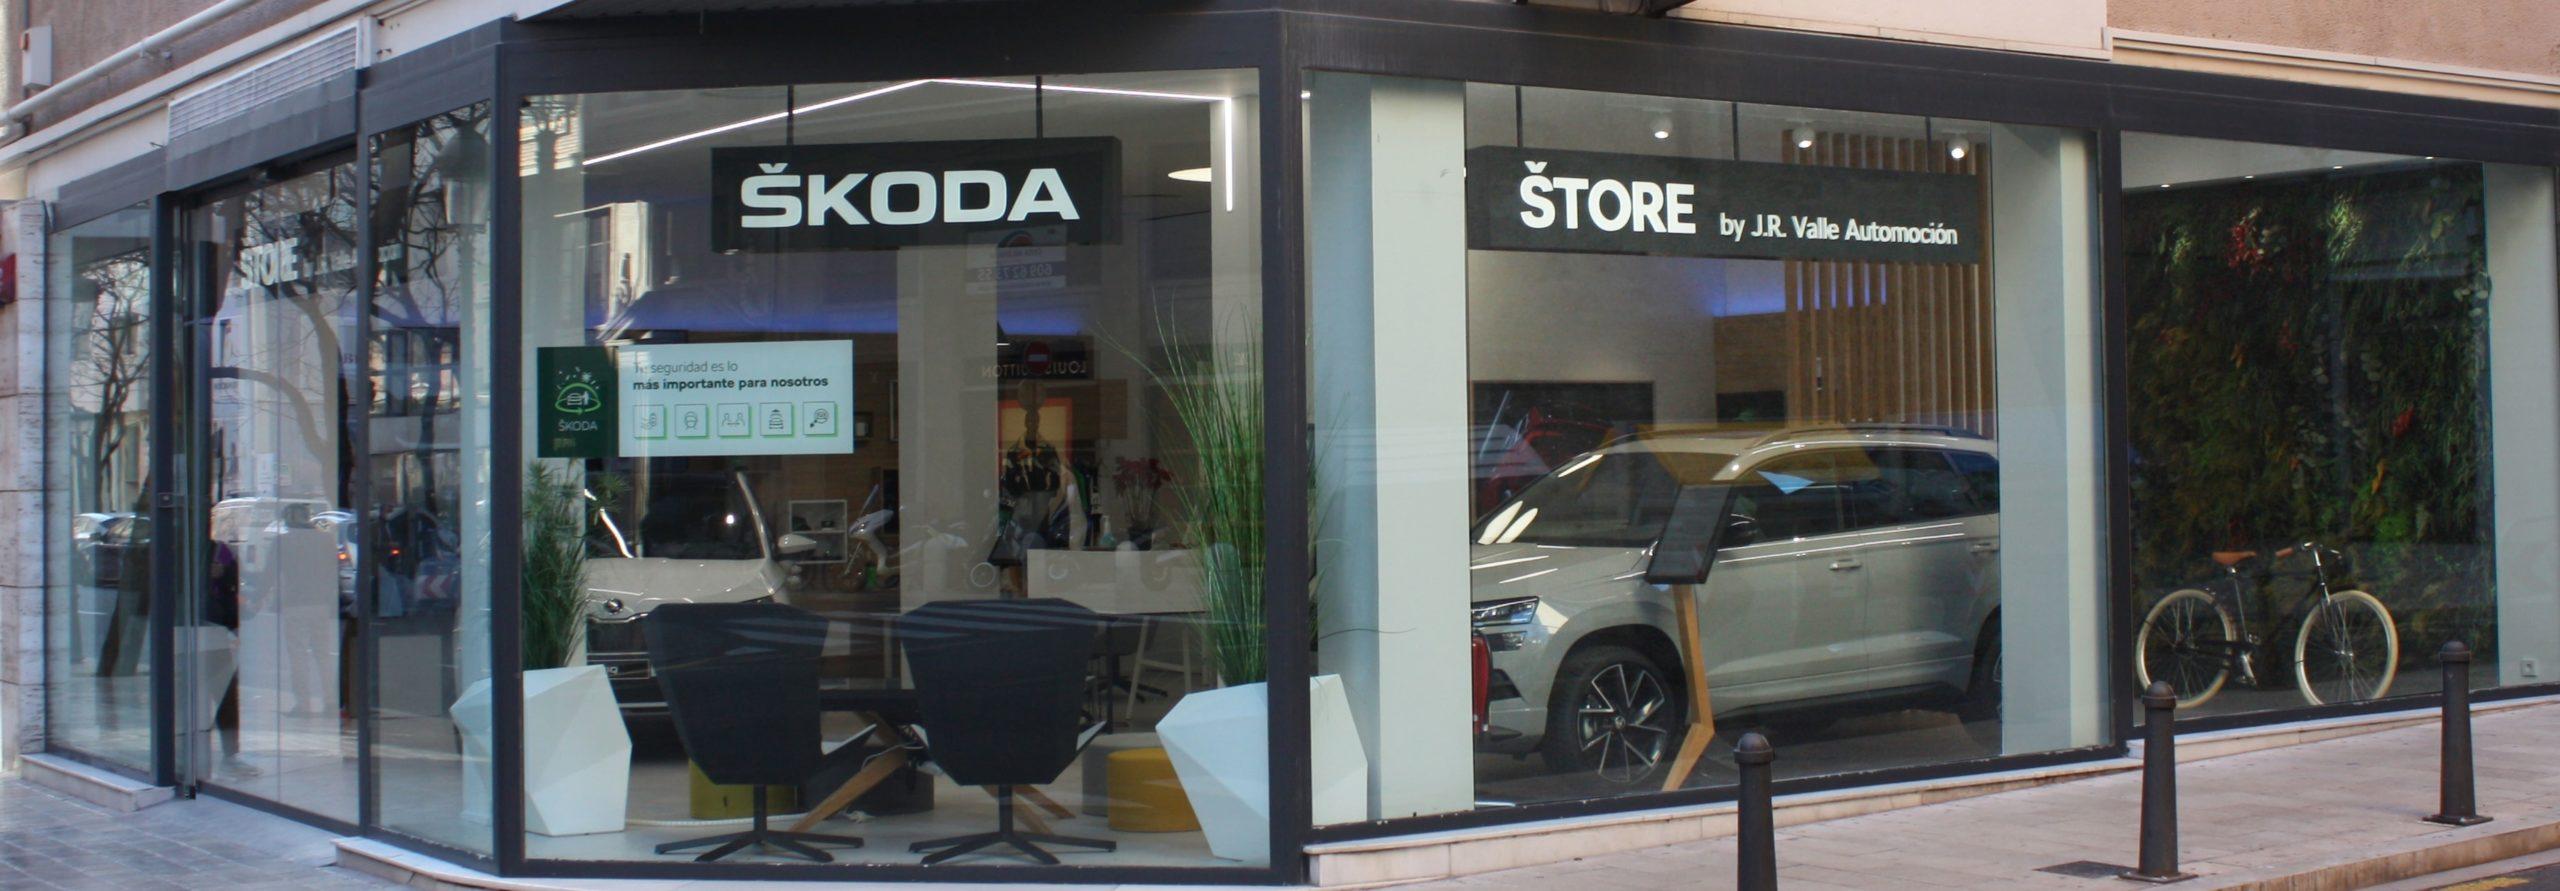 fecha-skoda-city-store-valencia